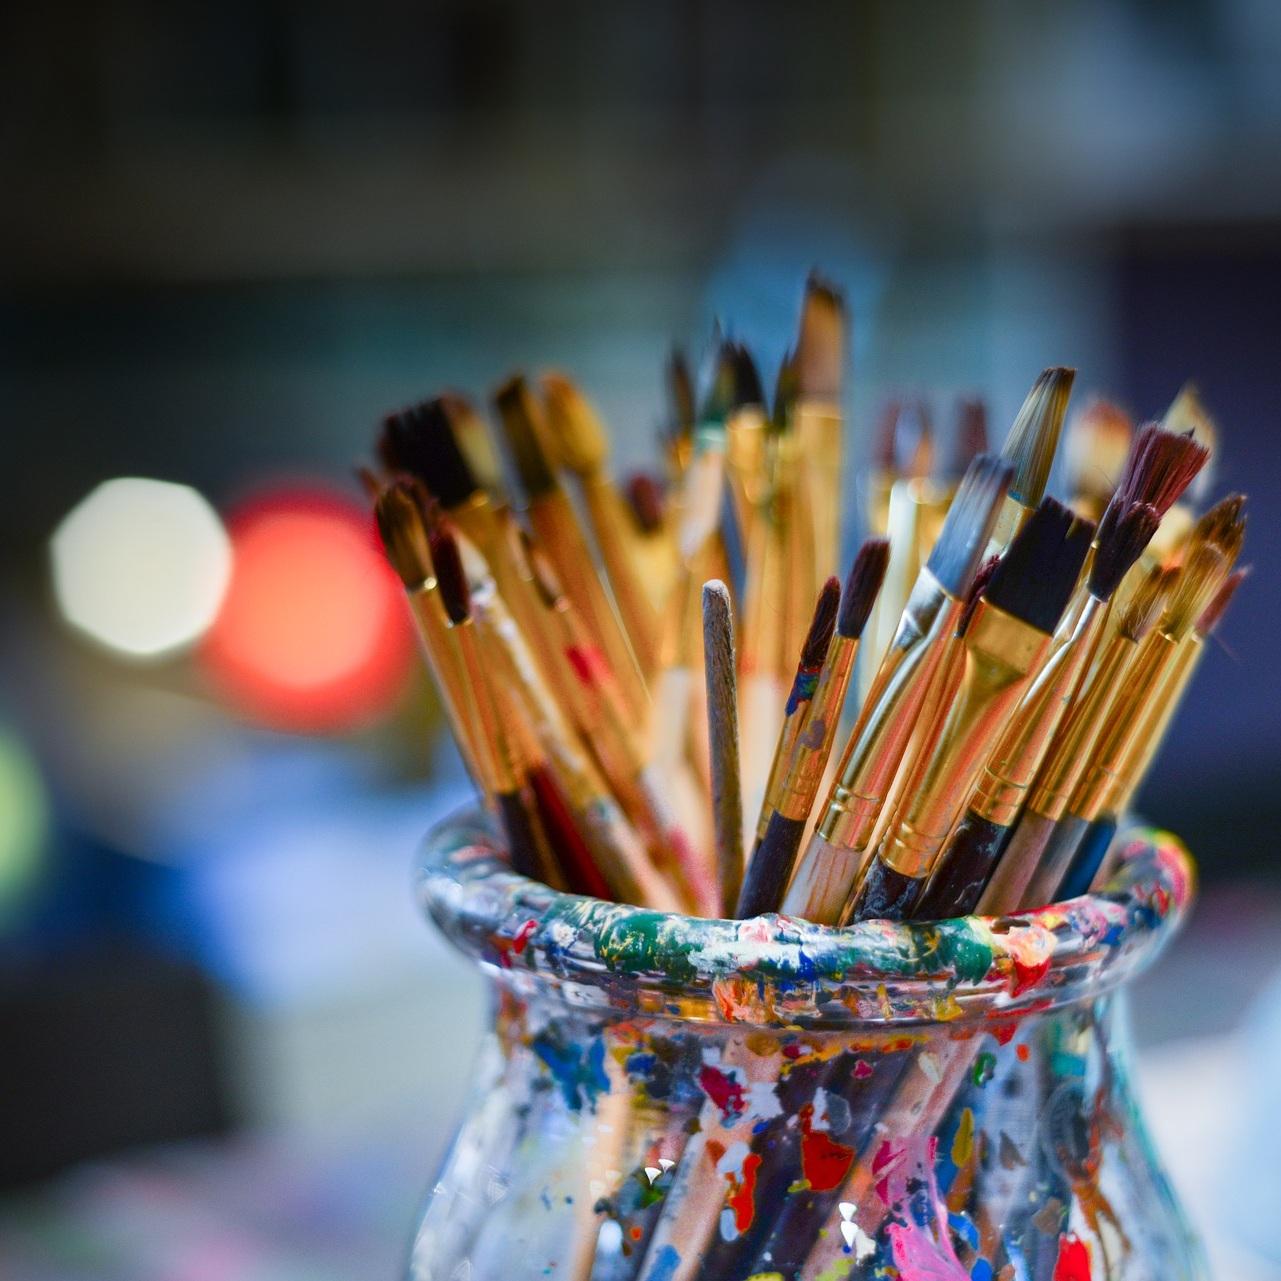 brushes-3129361_1920.jpg